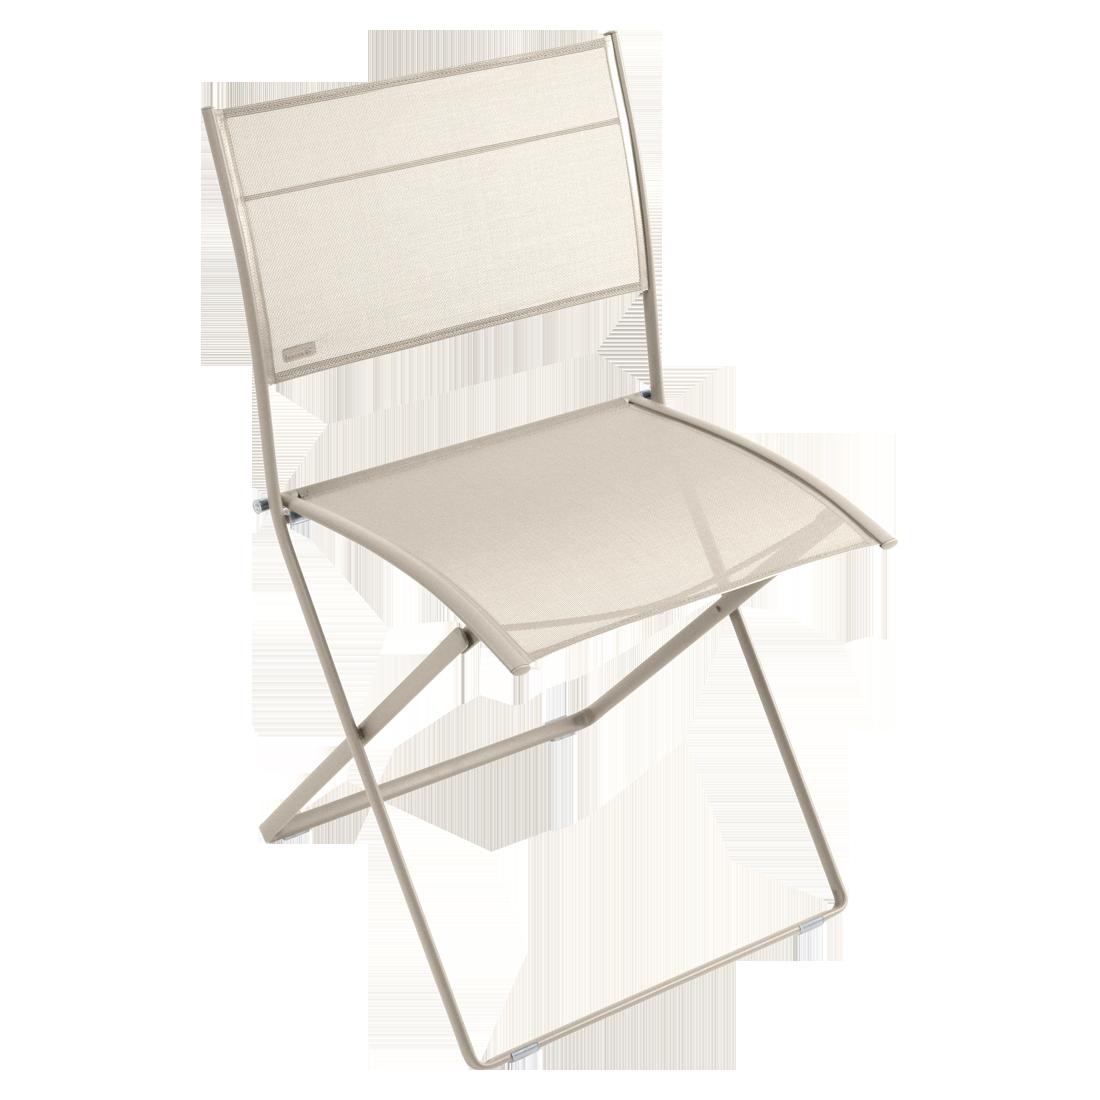 Plein air chair garden fabric chair otf - Fermob chaise luxembourg ...